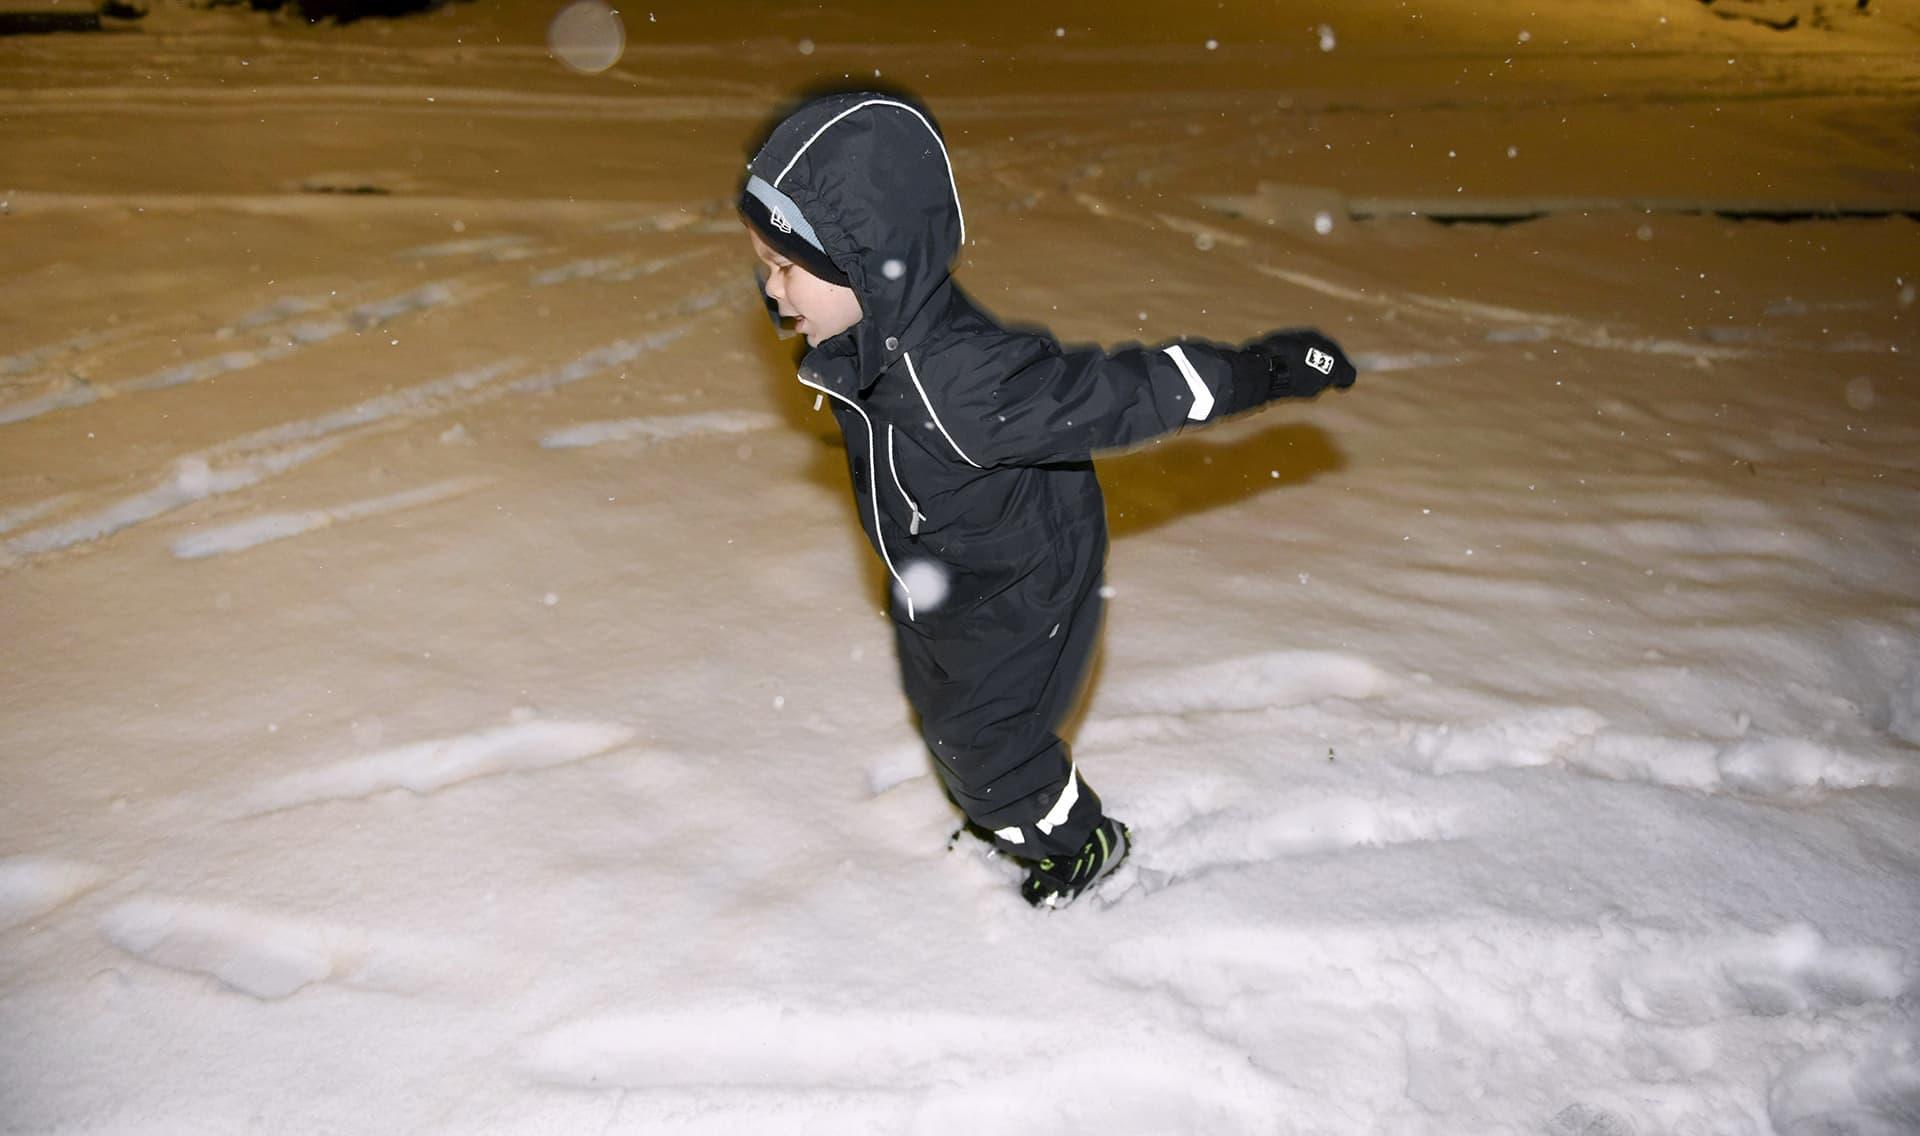 Poika leikkii lumella.